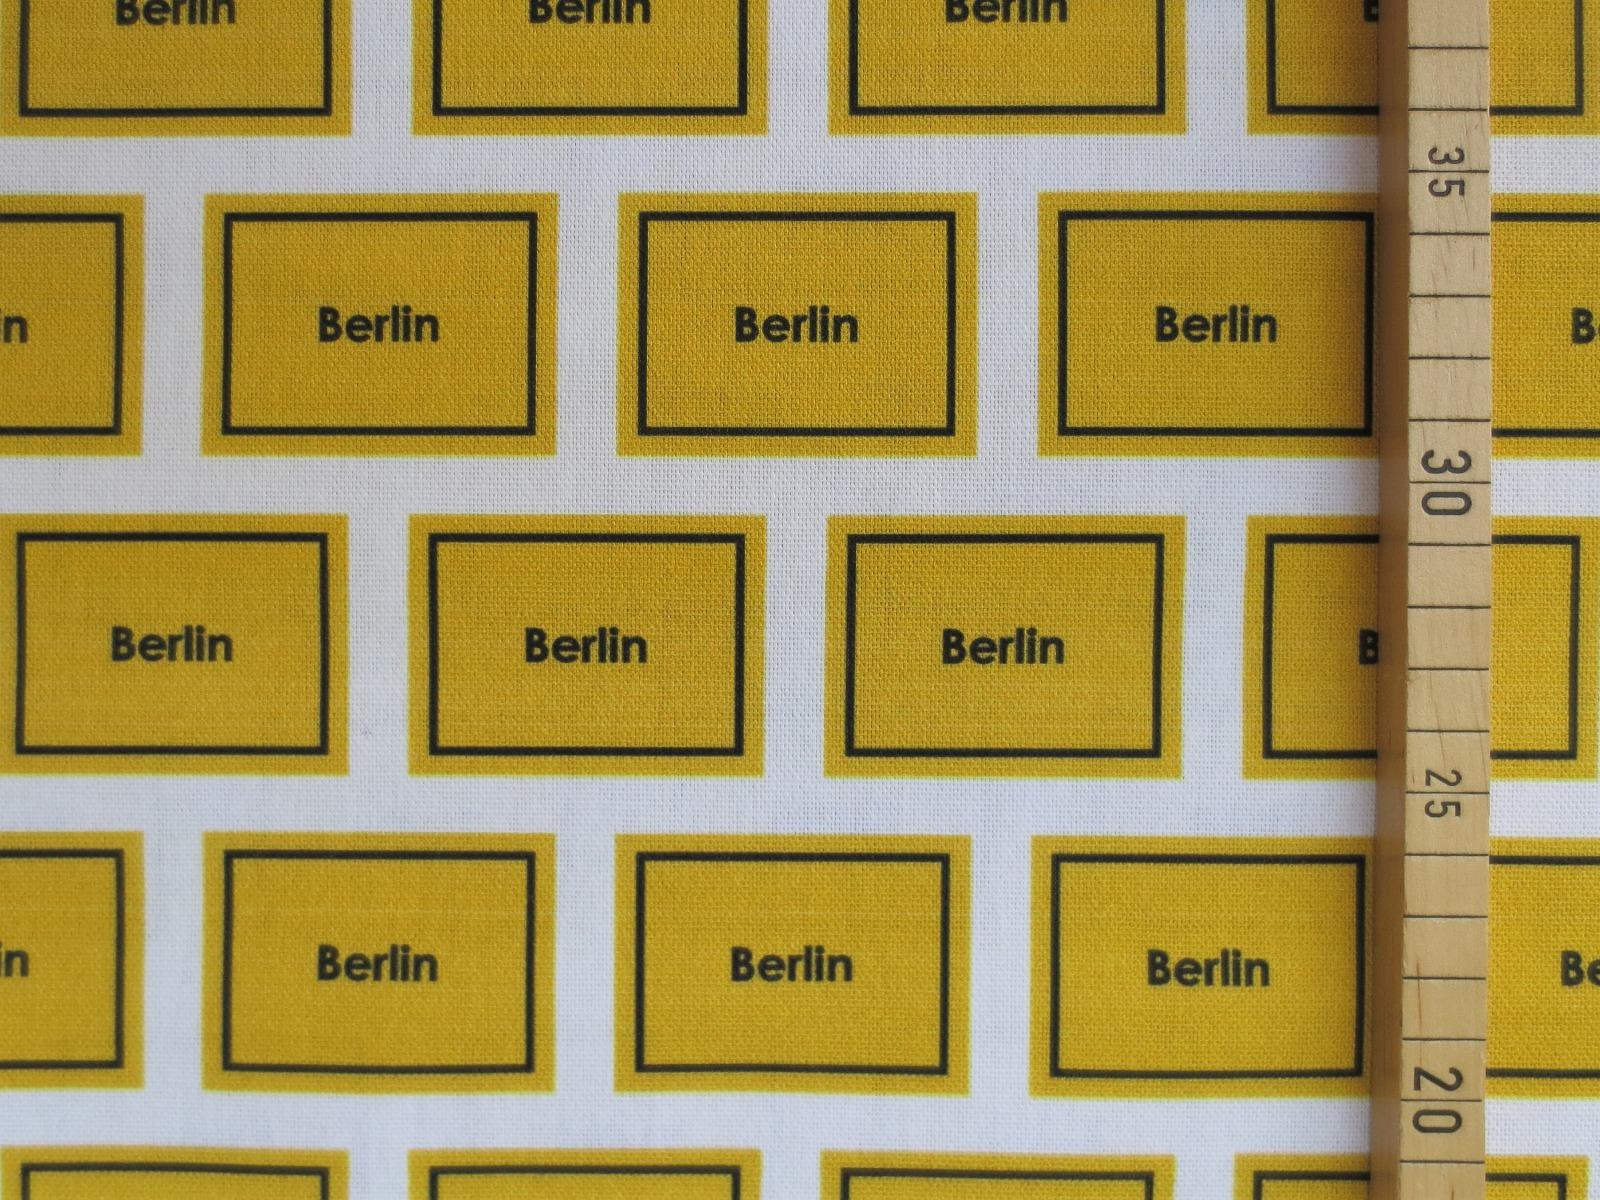 Deko-Baumwolle Berlin - Ortsschilder